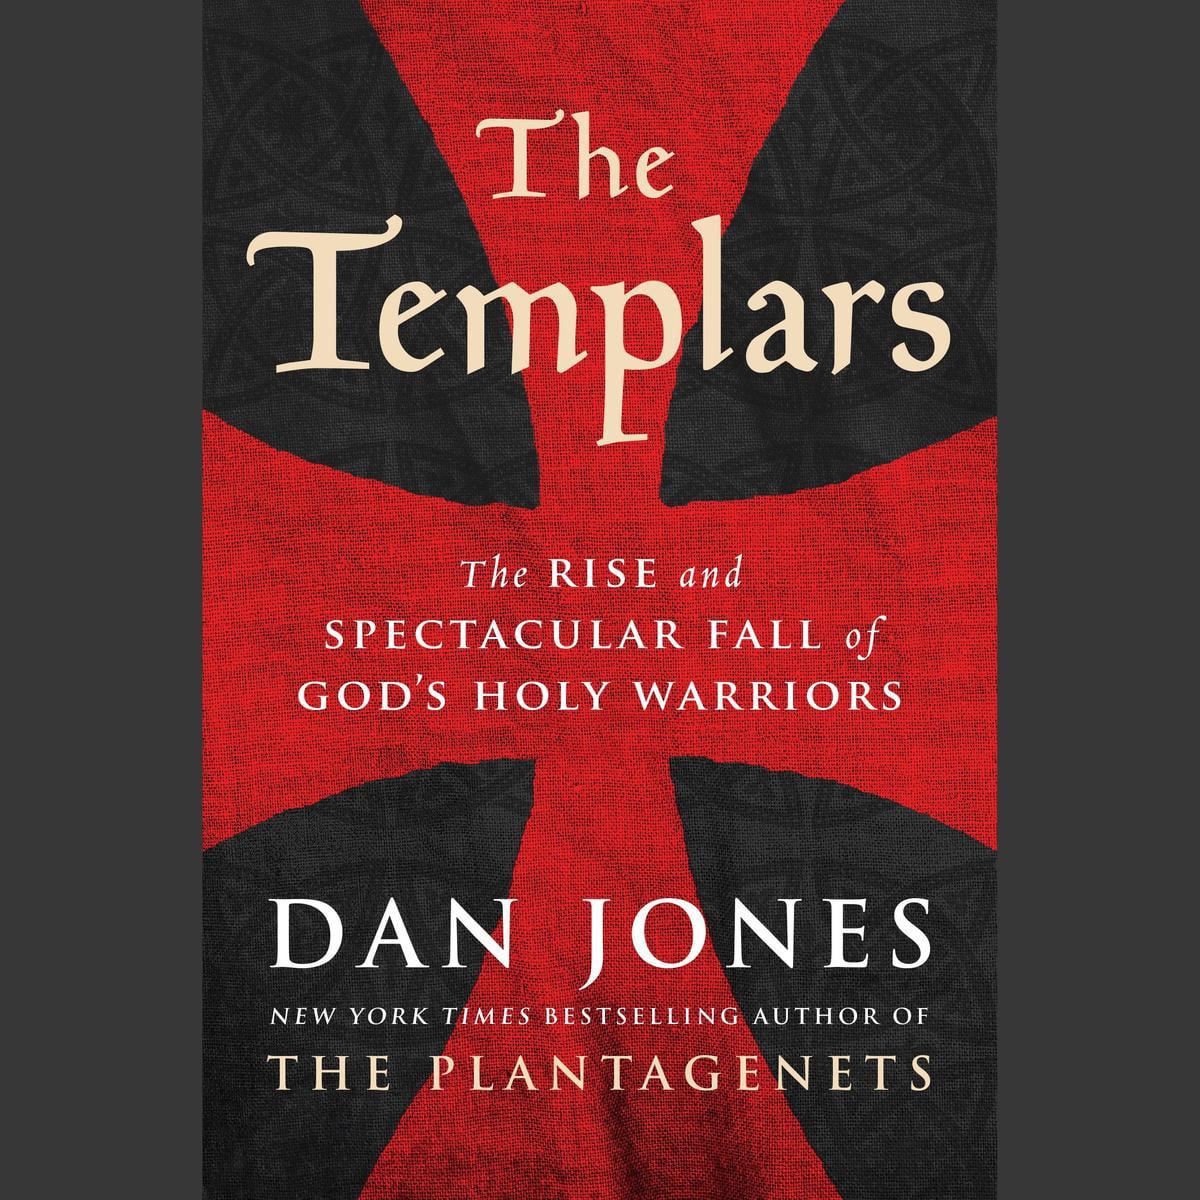 The Templars - Audiobook